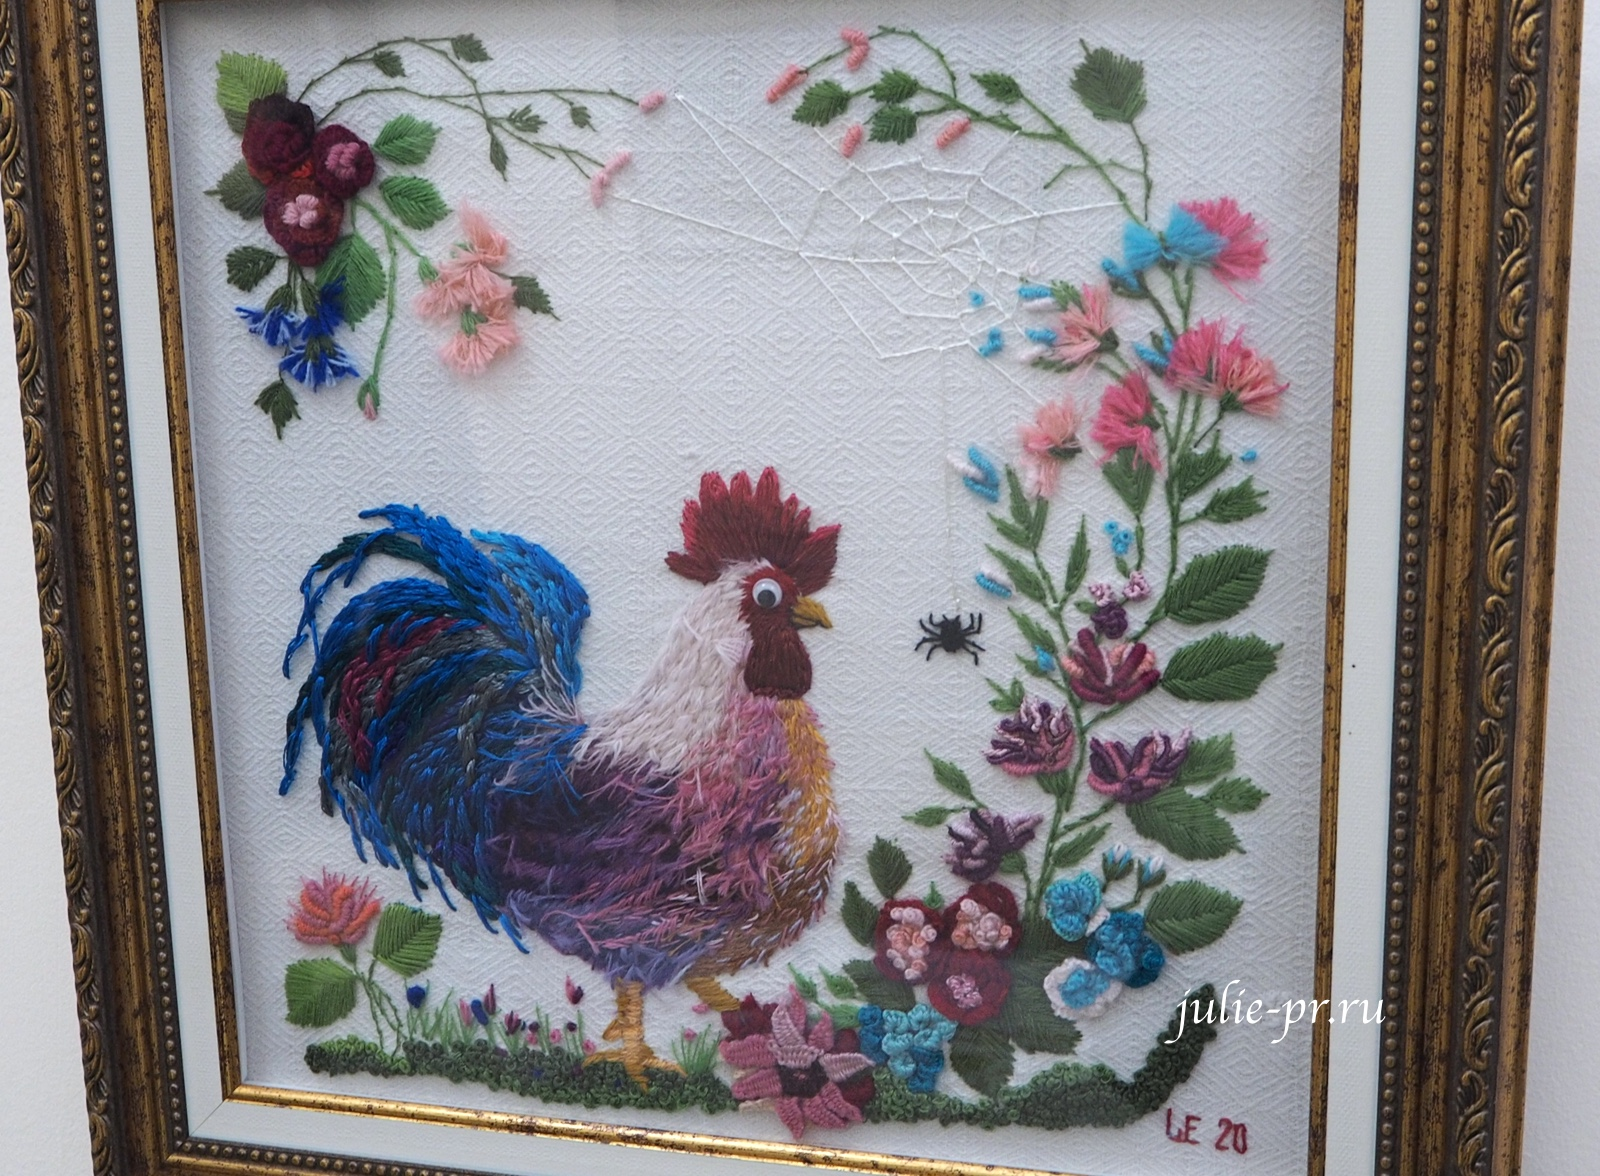 Всероссийская выставка вышивки, вышивка гладью, объемная вышивка, петух